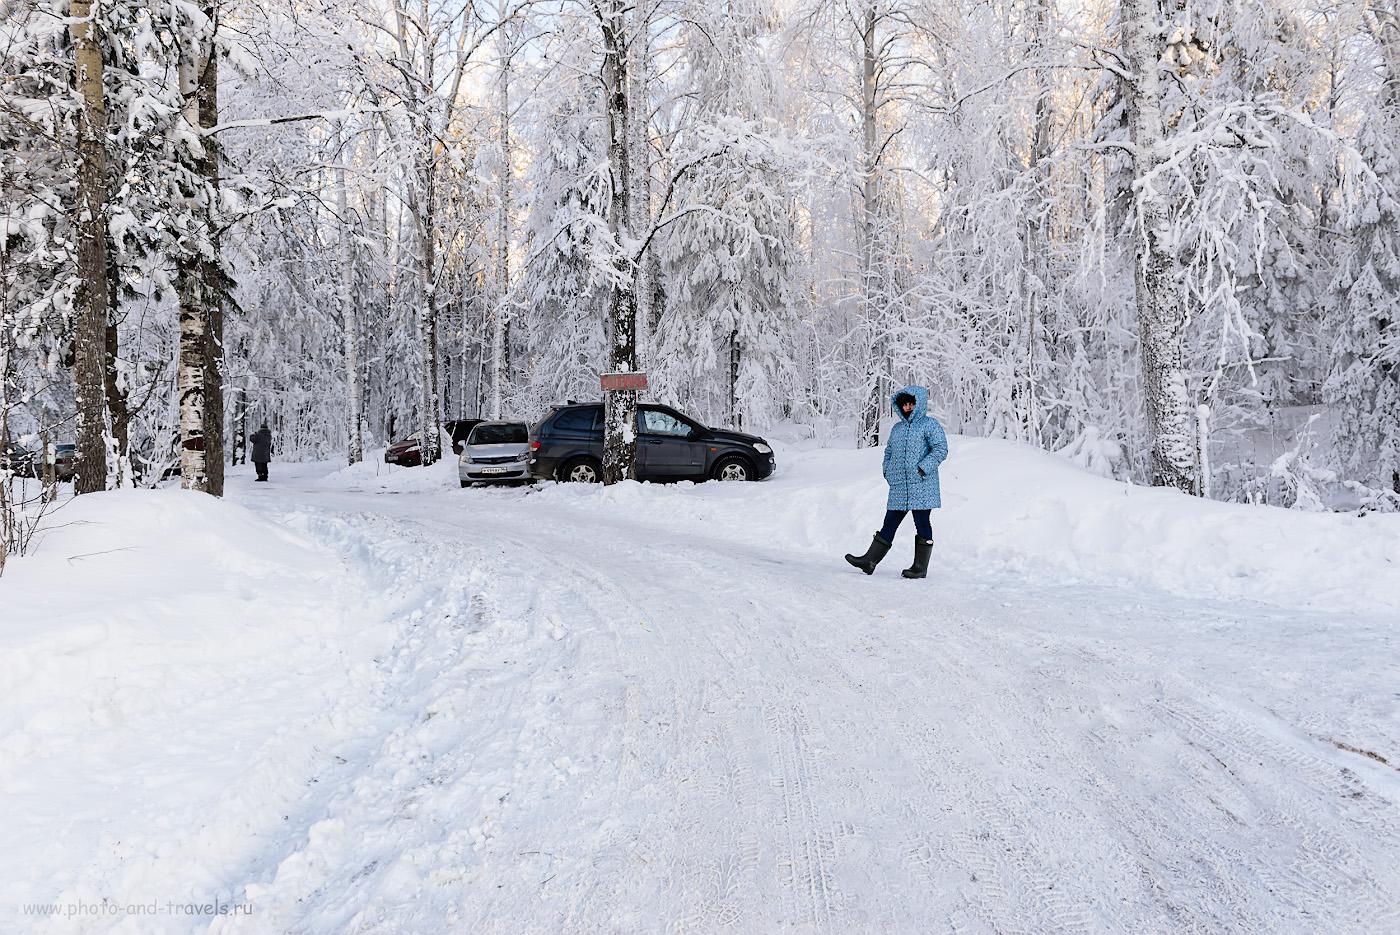 Фотография 3. Начало тропы для восхождения на Колпаки. Так выглядит стоянка автомобилей зимой. 1/50, +0.67, 8.0, 360, 24.